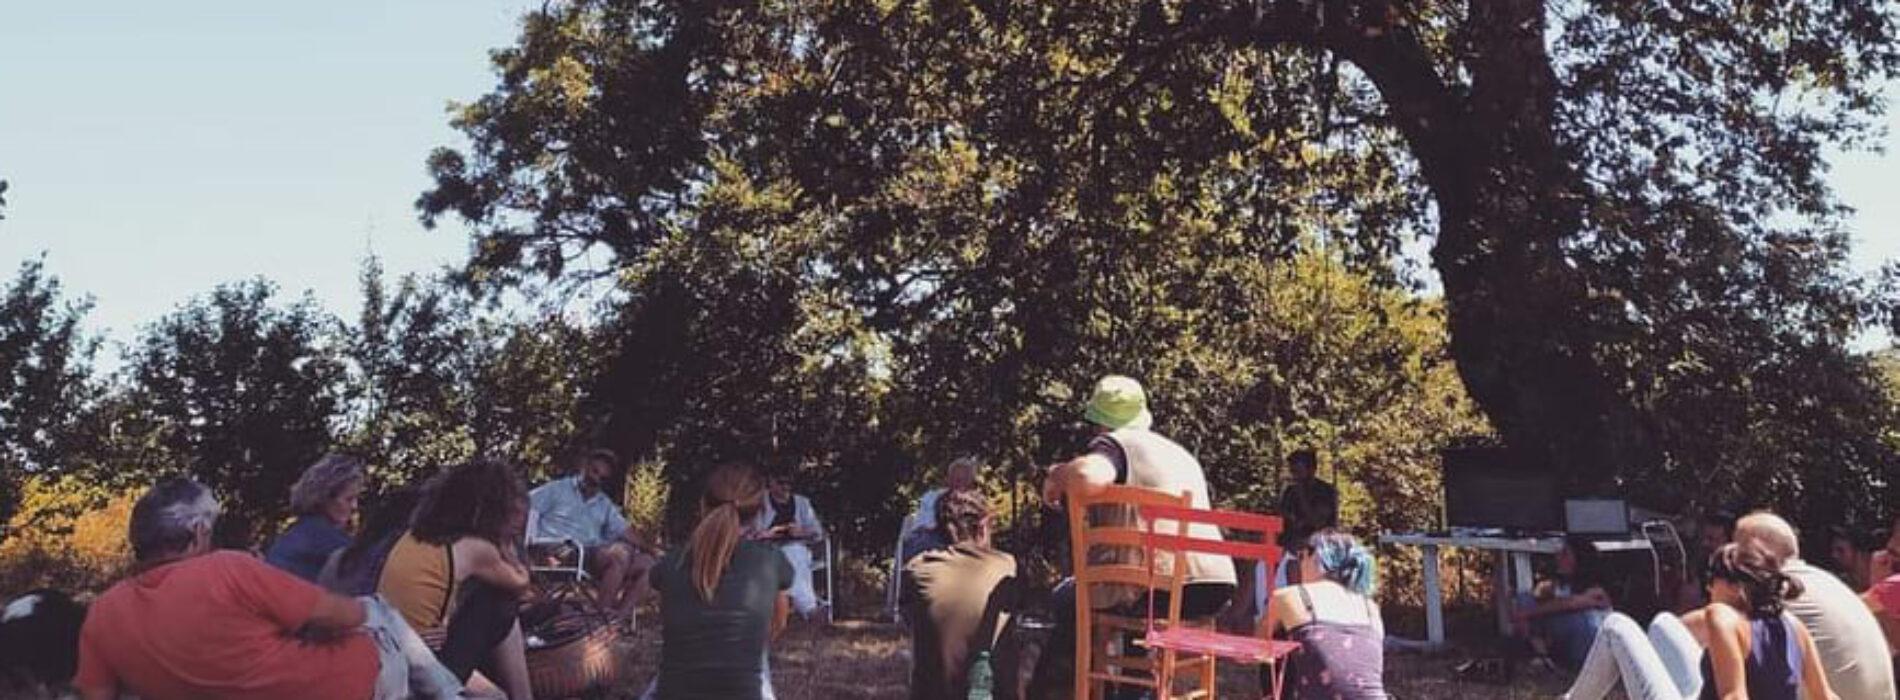 Comunità Rurale Diffusa, tra Lazio, Toscana e Umbria i produttori che difendono la terra dalle multinazionali